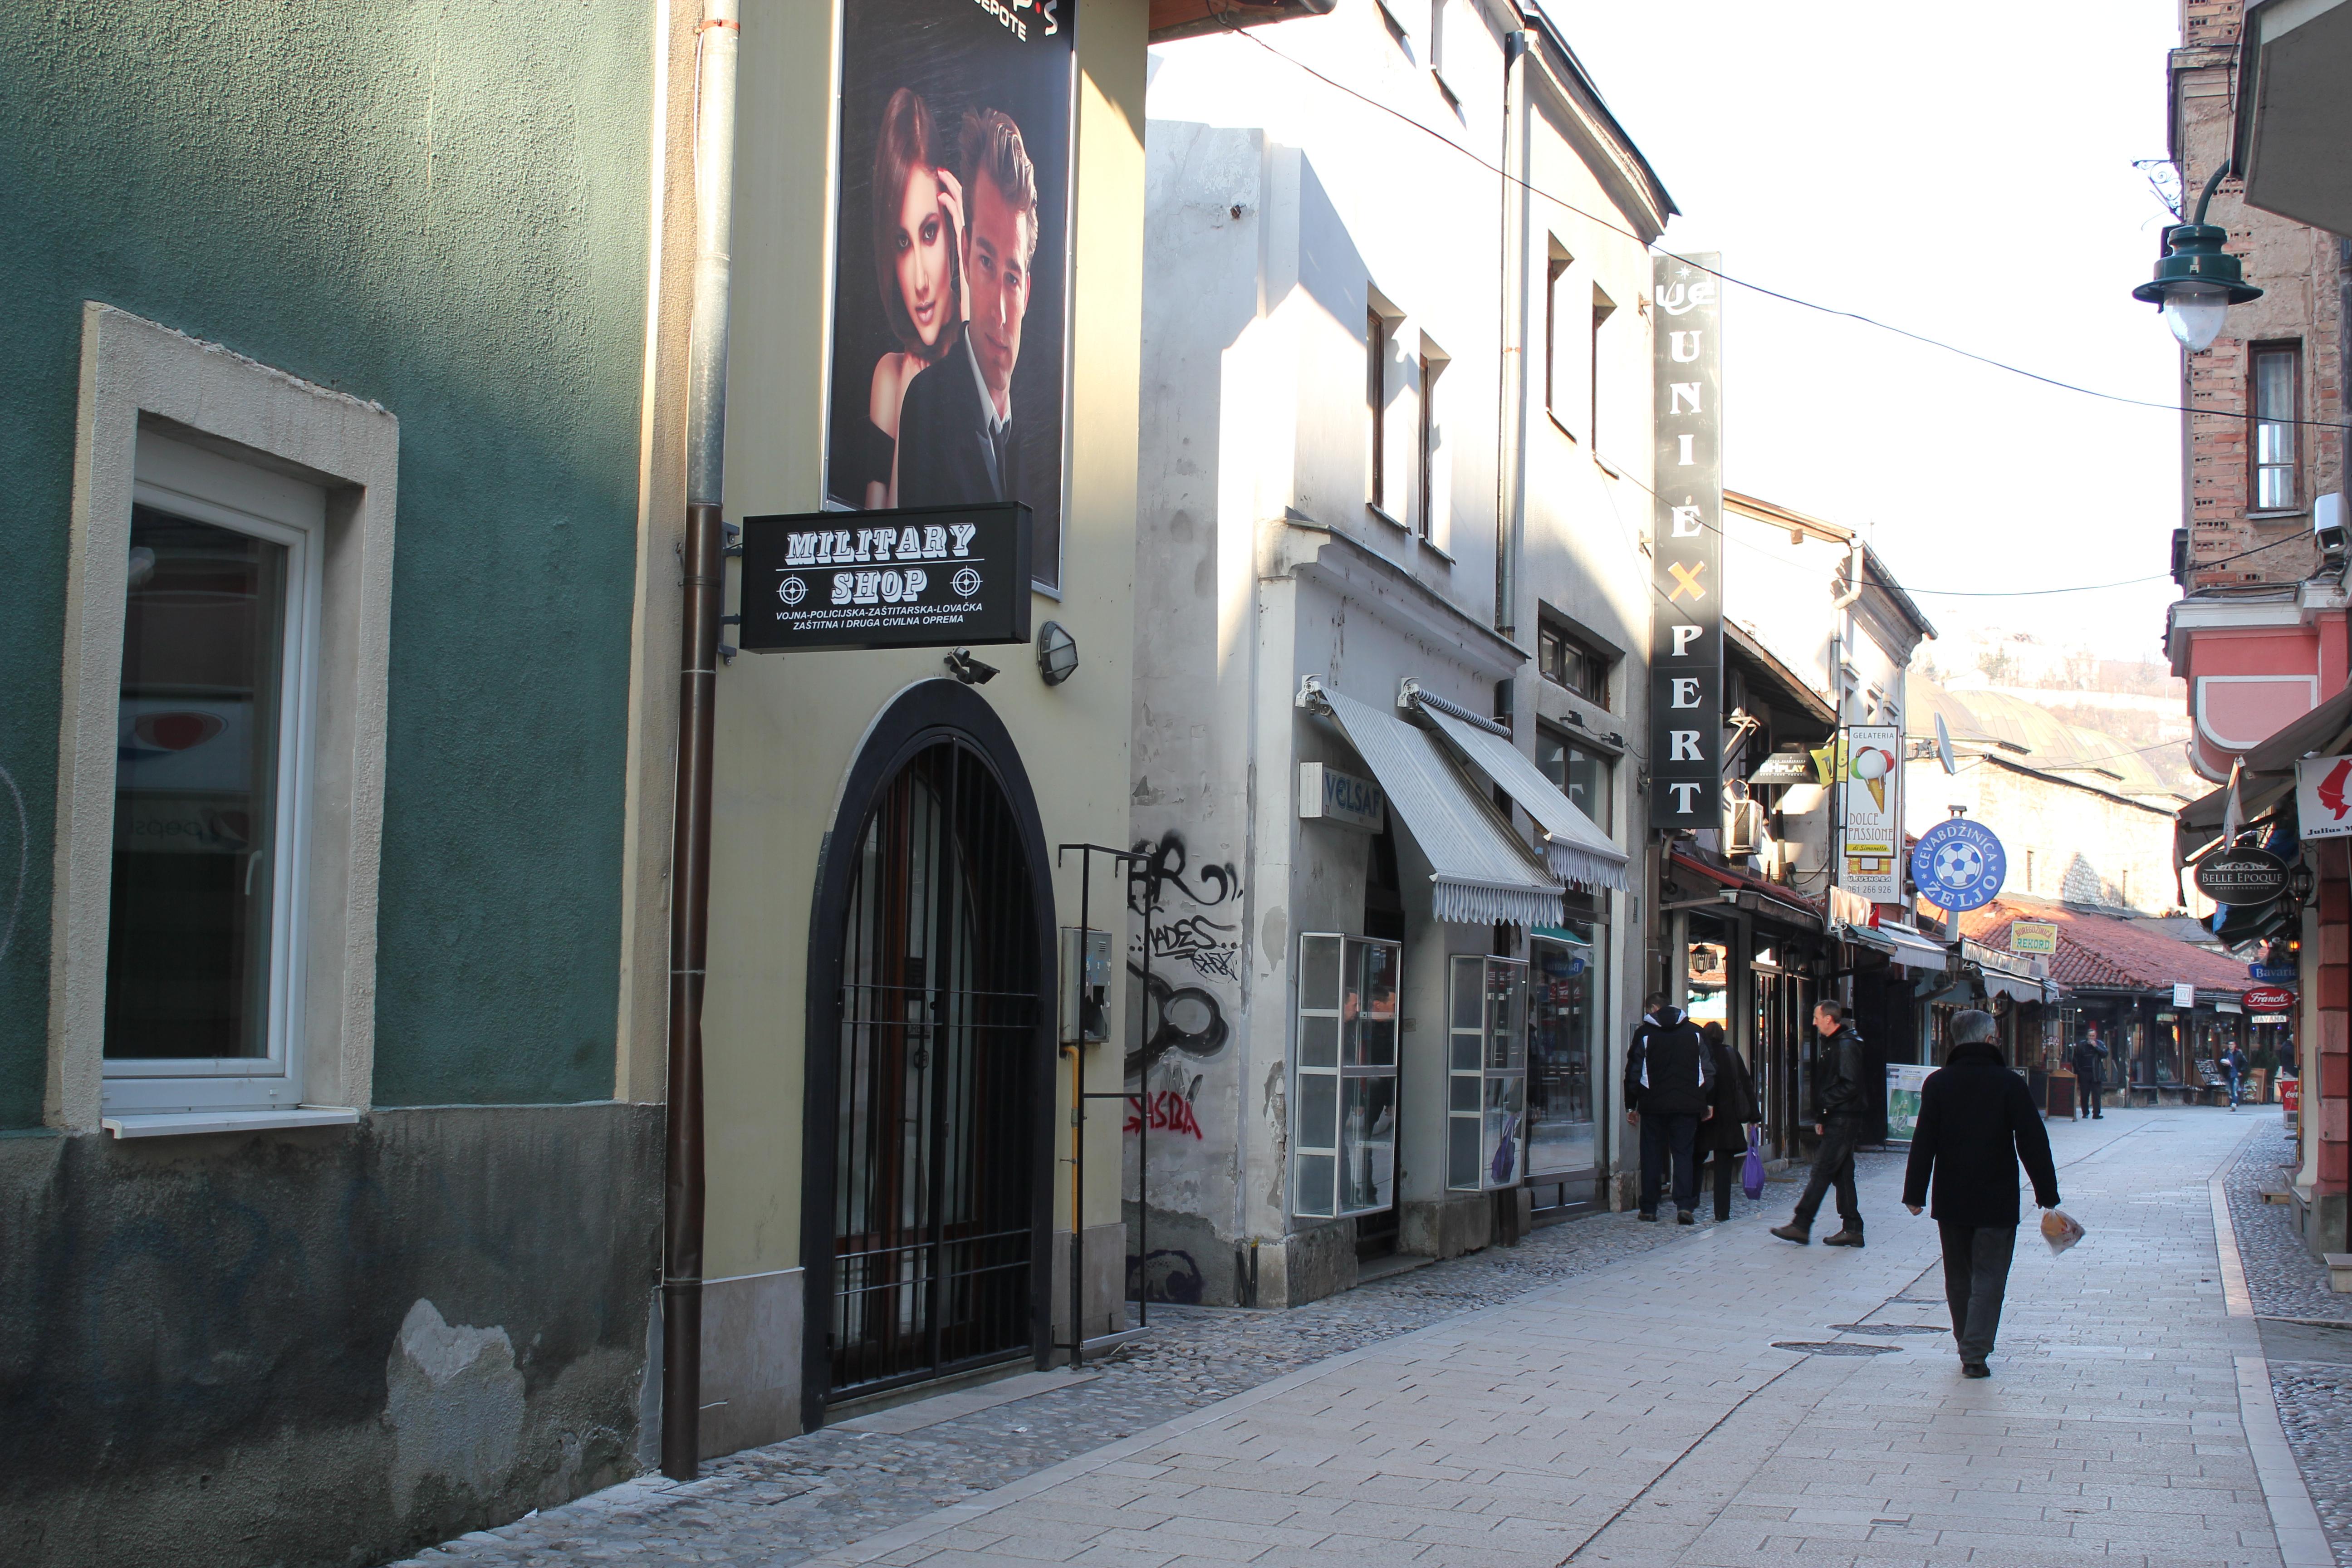 Streets; Sarajevo, Bosnia & Herzegovina; 2013